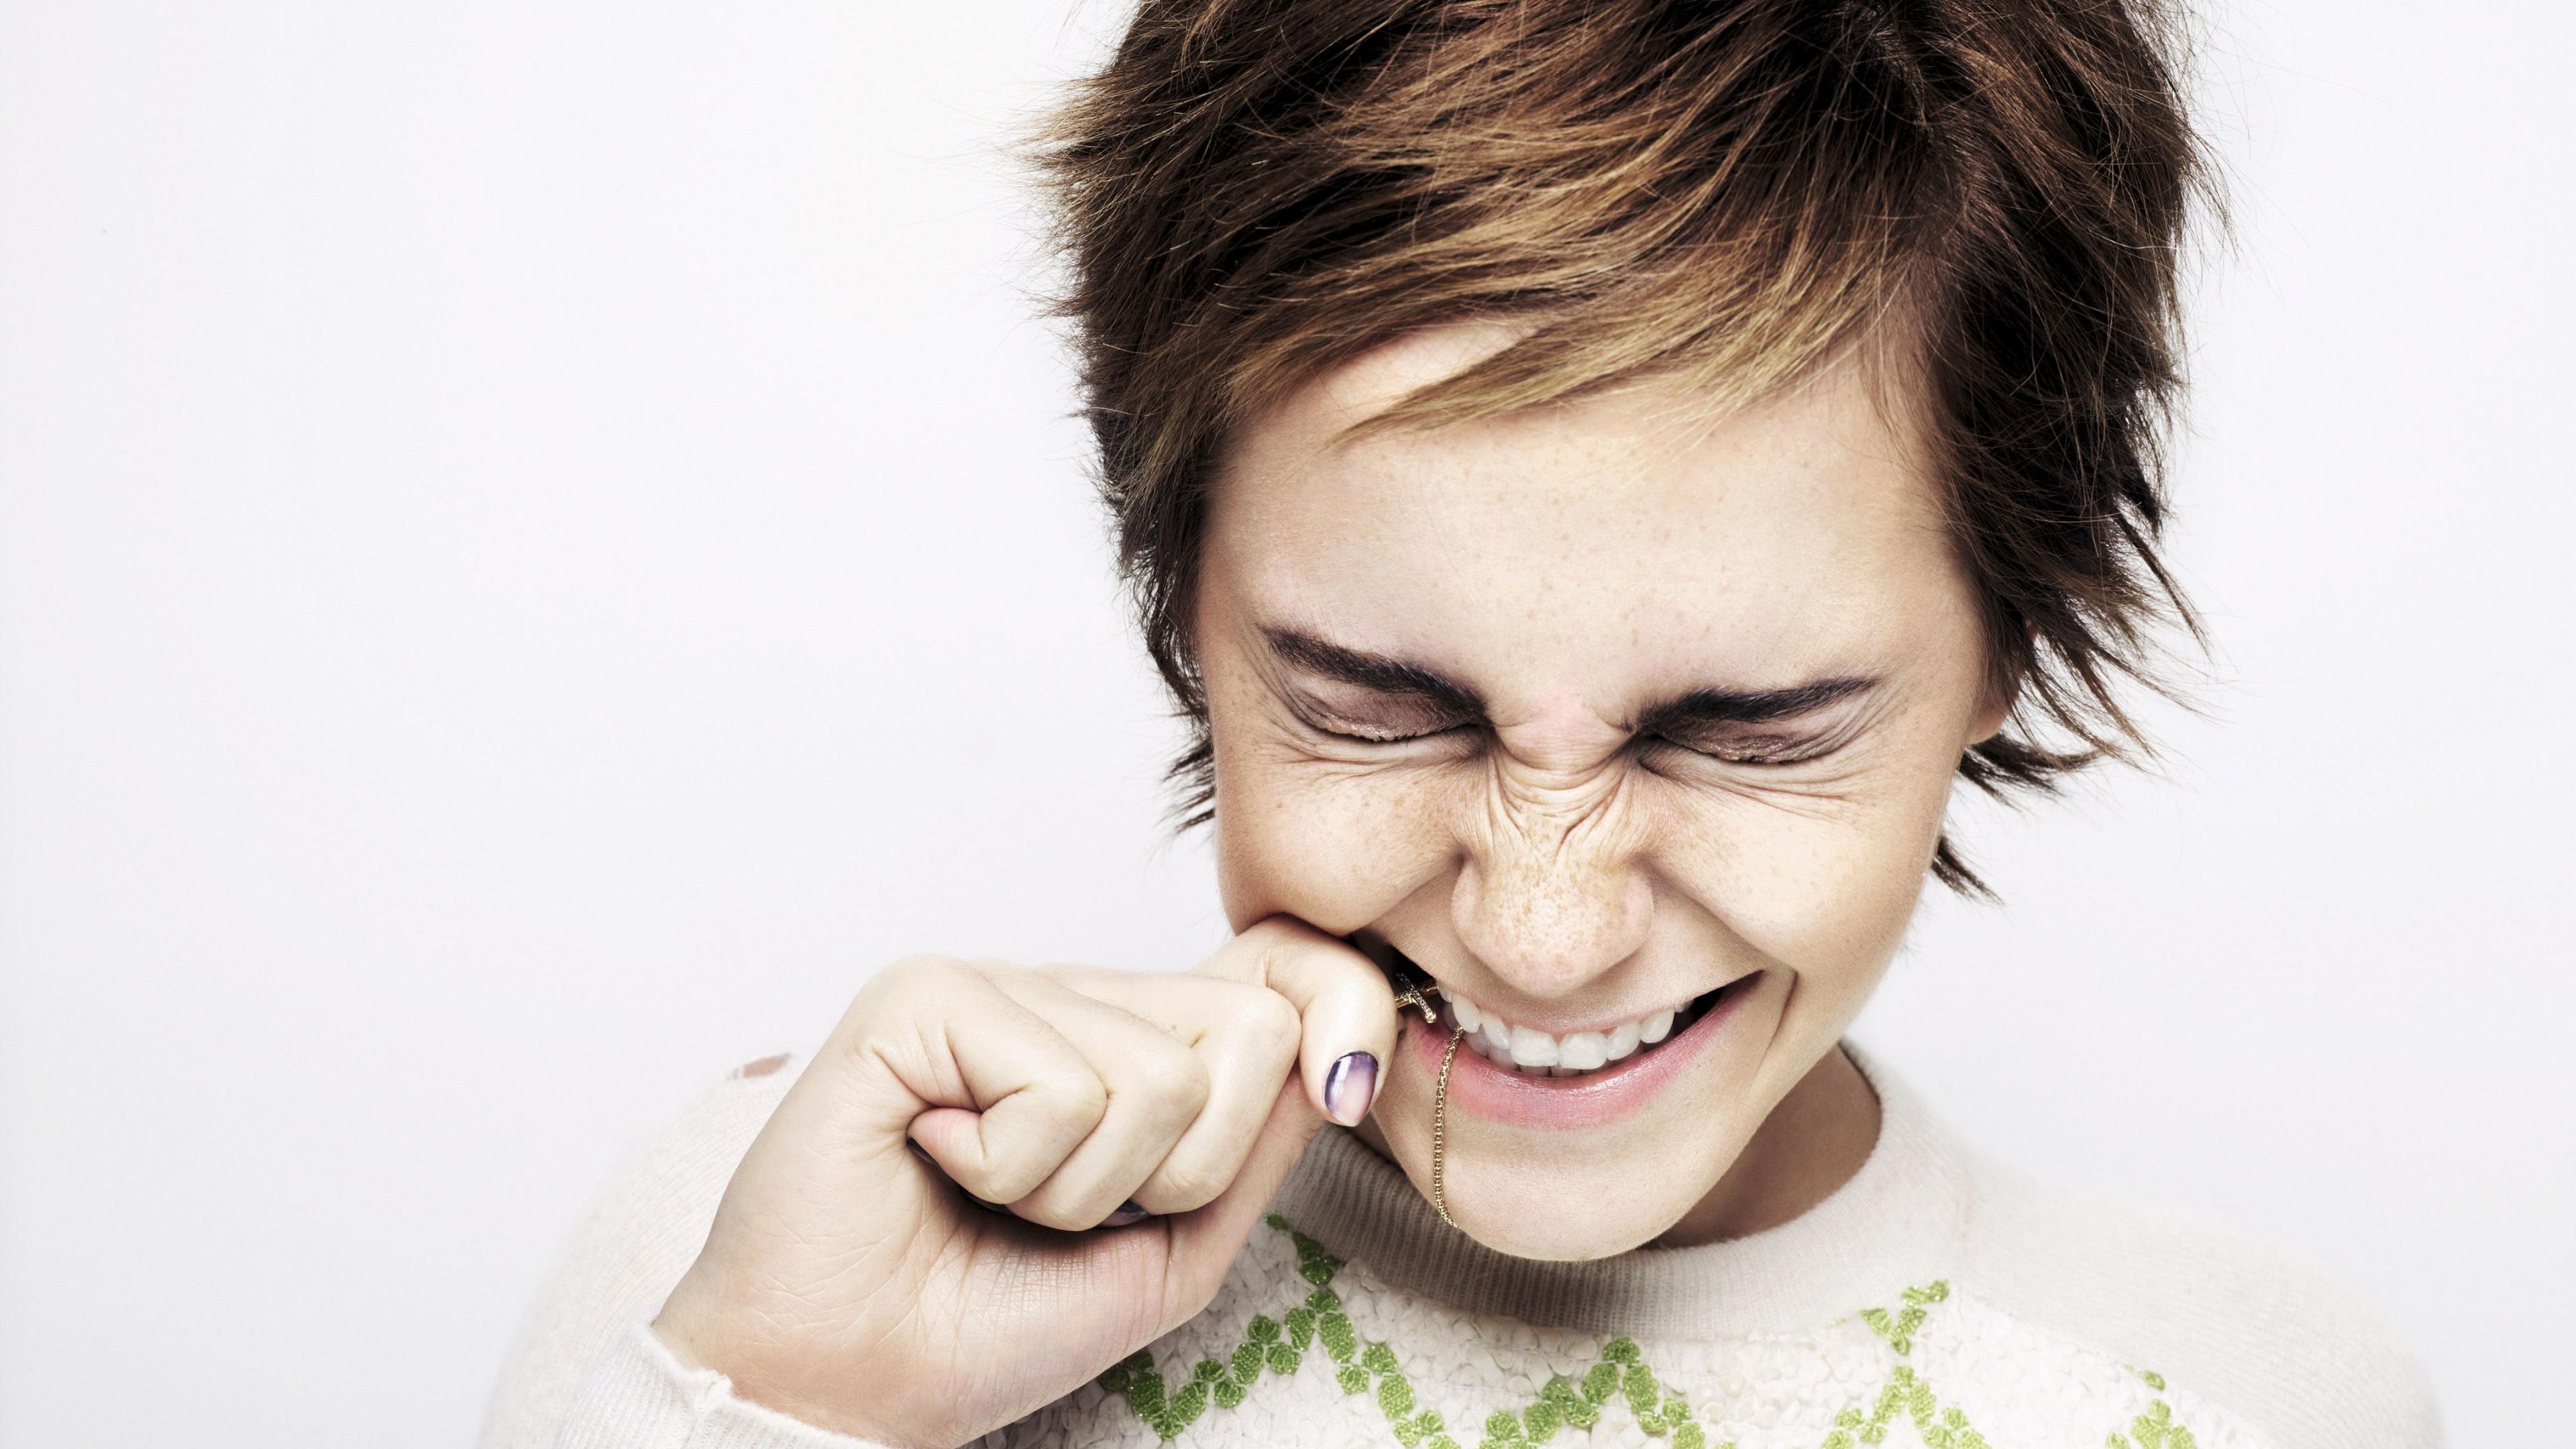 Эмоции радости брюнетки с короткой модельной стрижкой